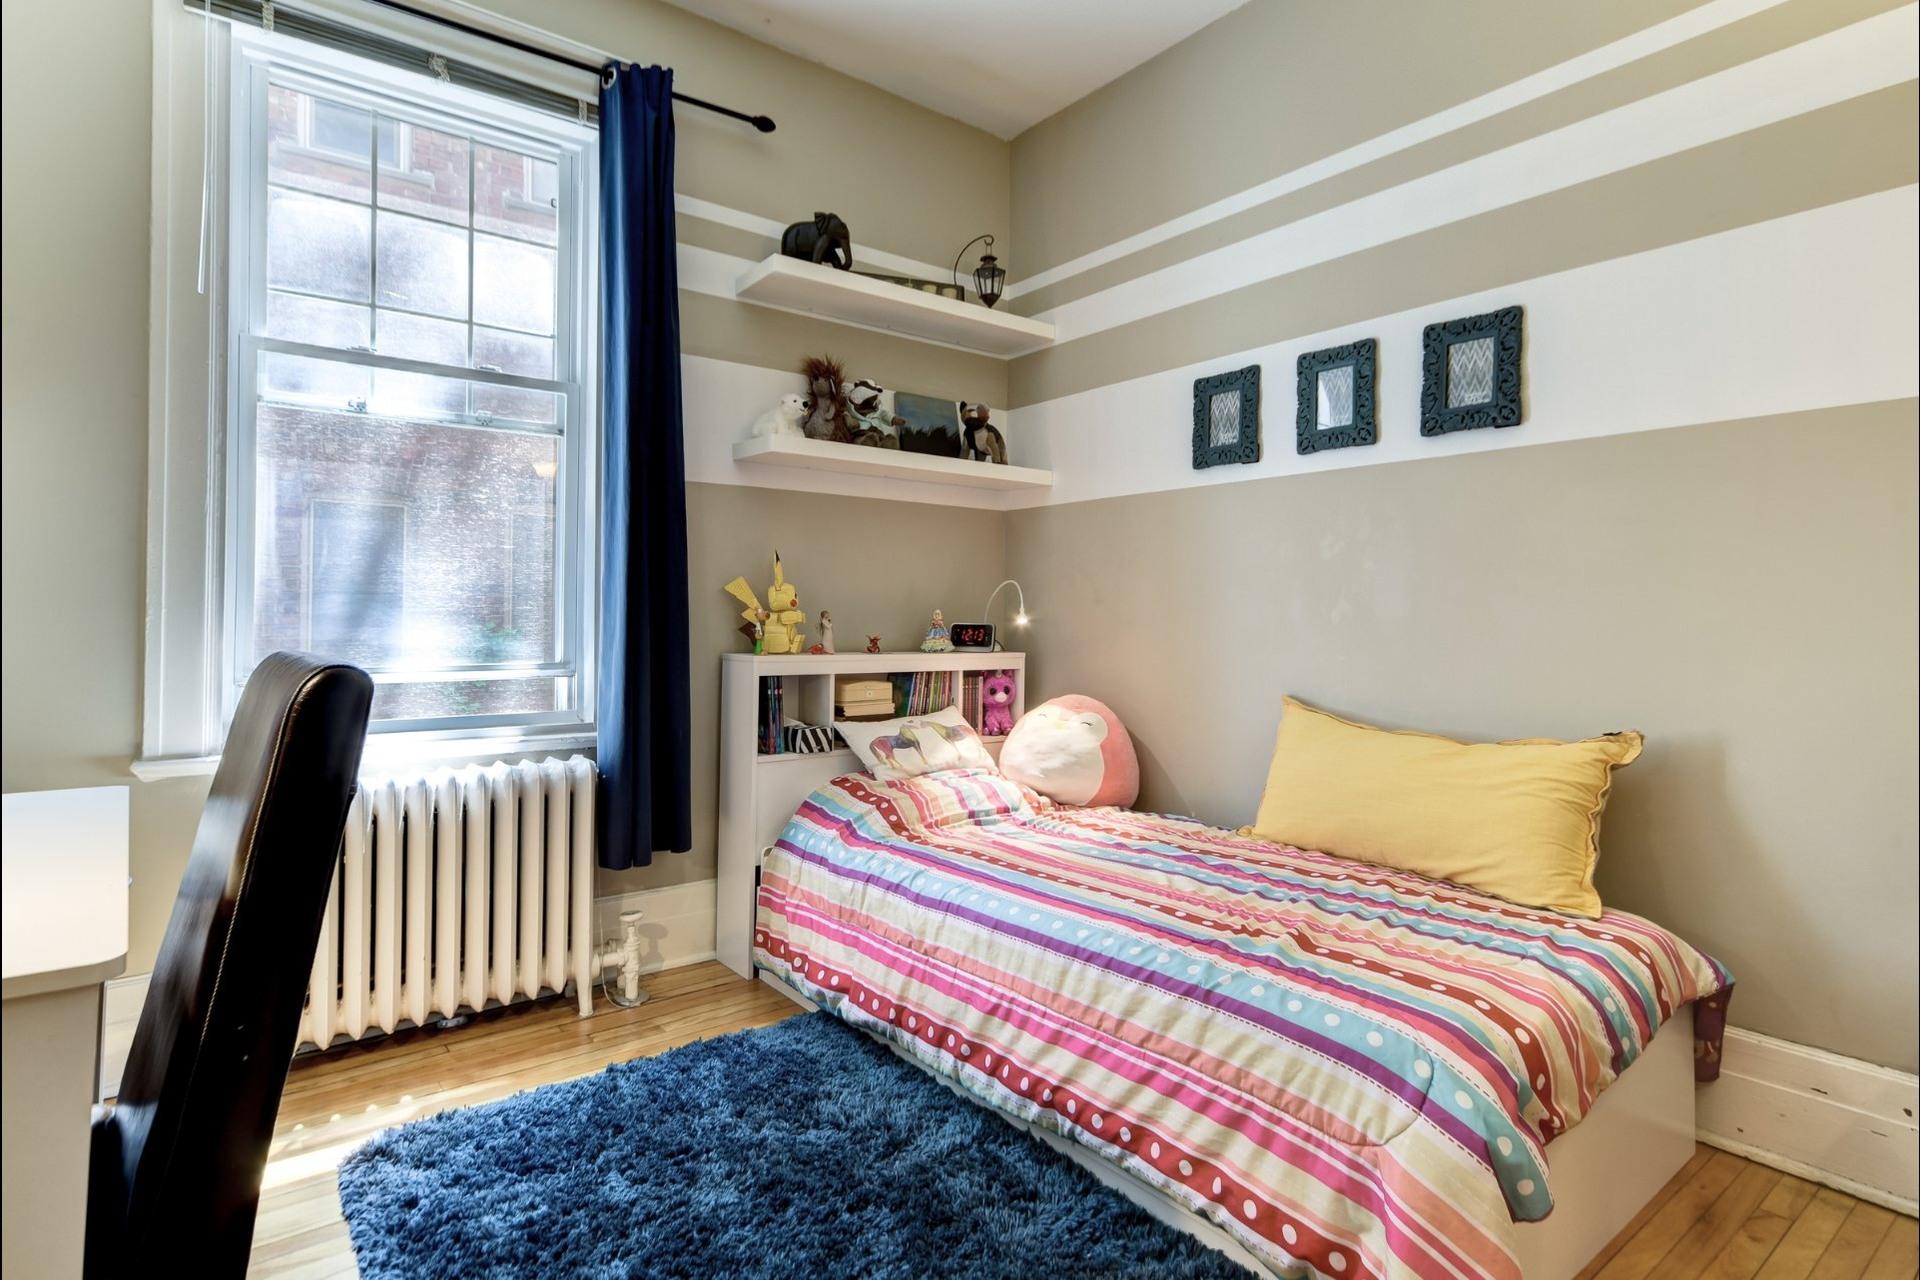 image 17 - Duplex À vendre Côte-des-Neiges/Notre-Dame-de-Grâce Montréal  - 9 pièces